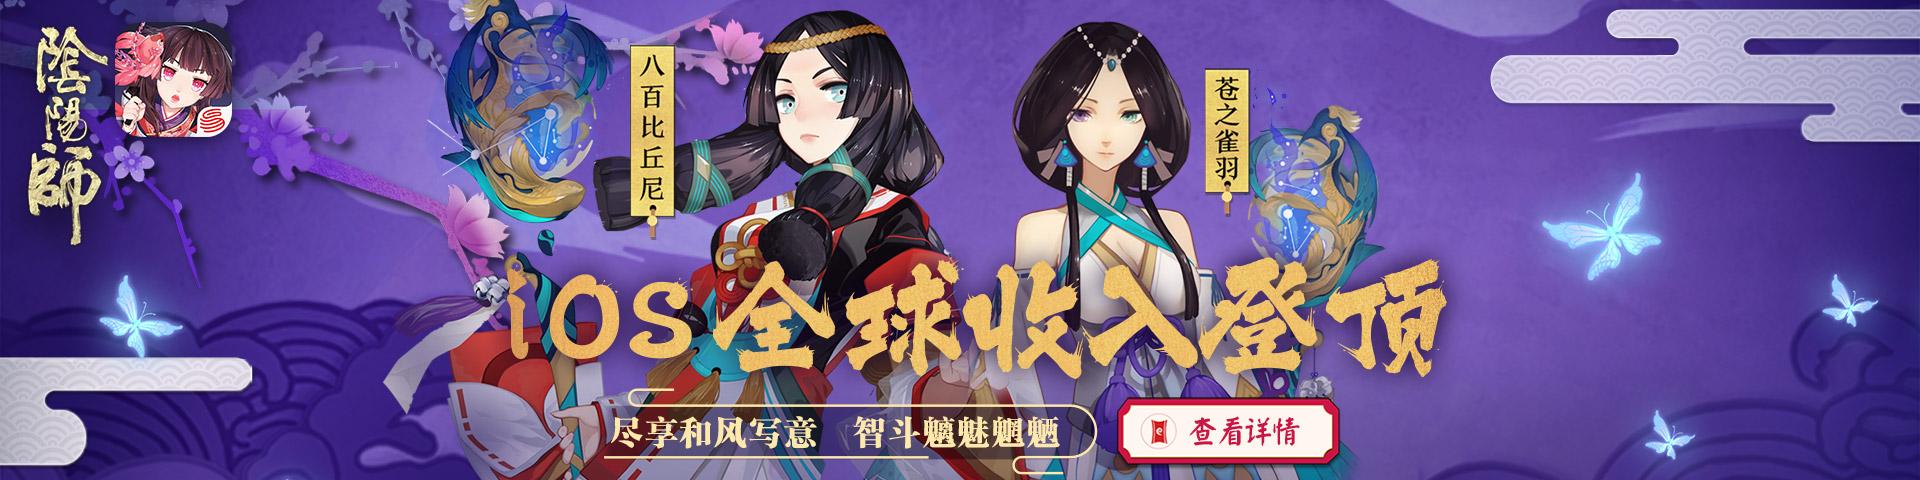 """奇幻之旅《阴阳师》携玩家和风日本行!"""""""